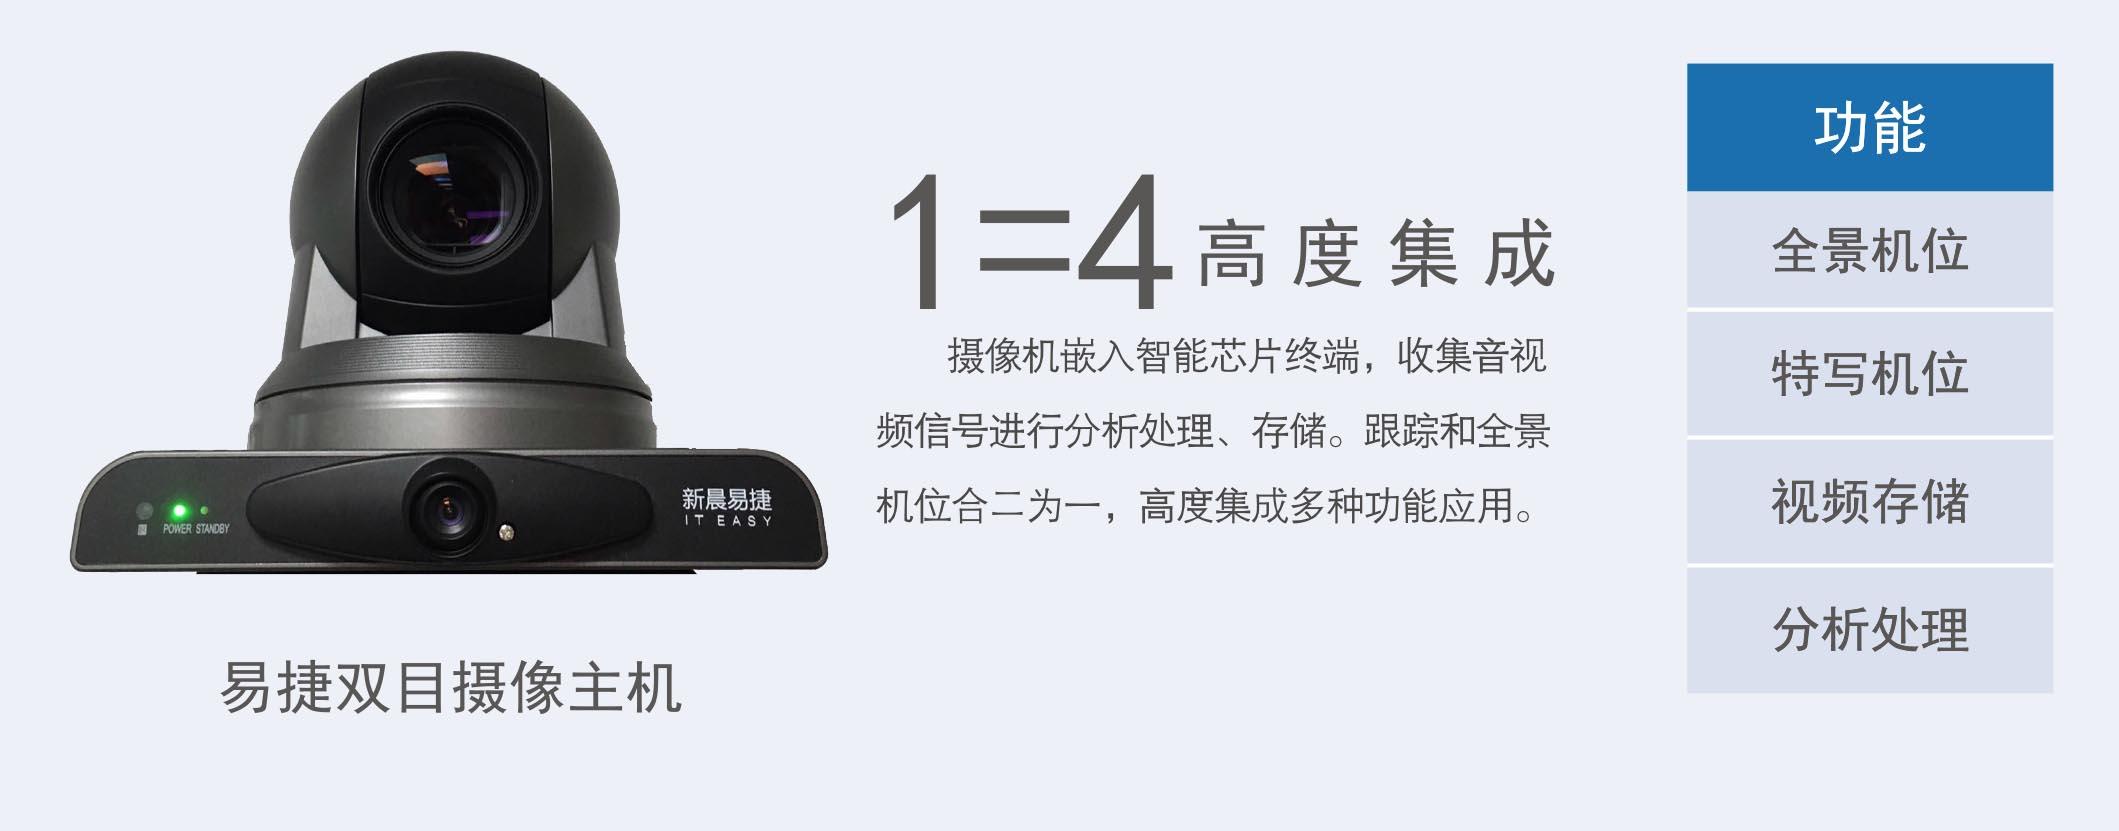 易捷宣传册.jpg